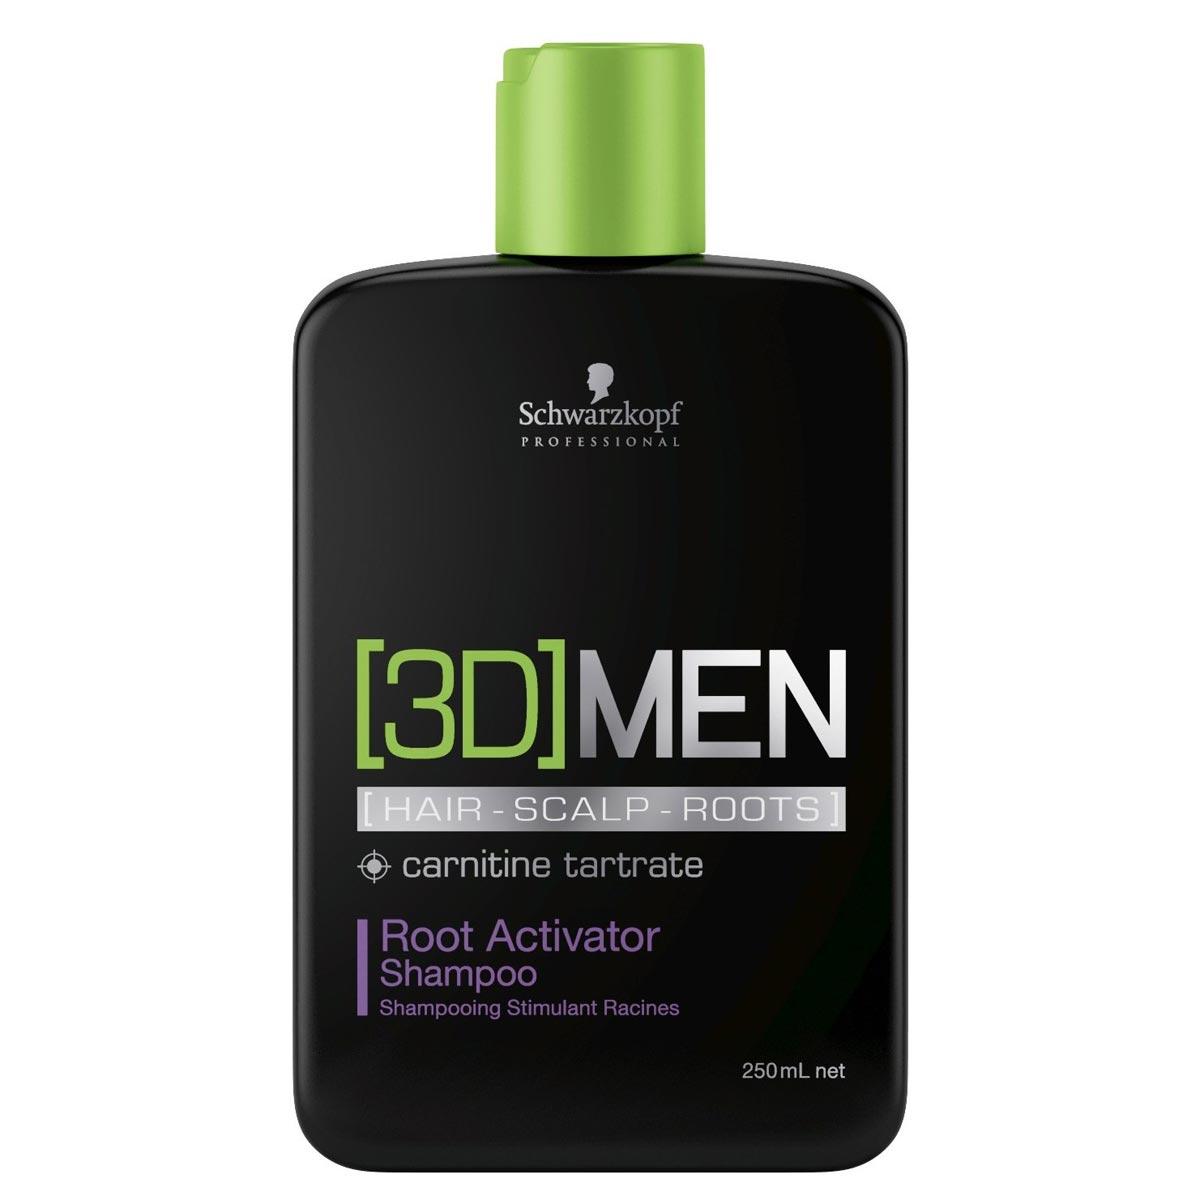 [3D]MEN Šampón pre aktiváciu korienkov